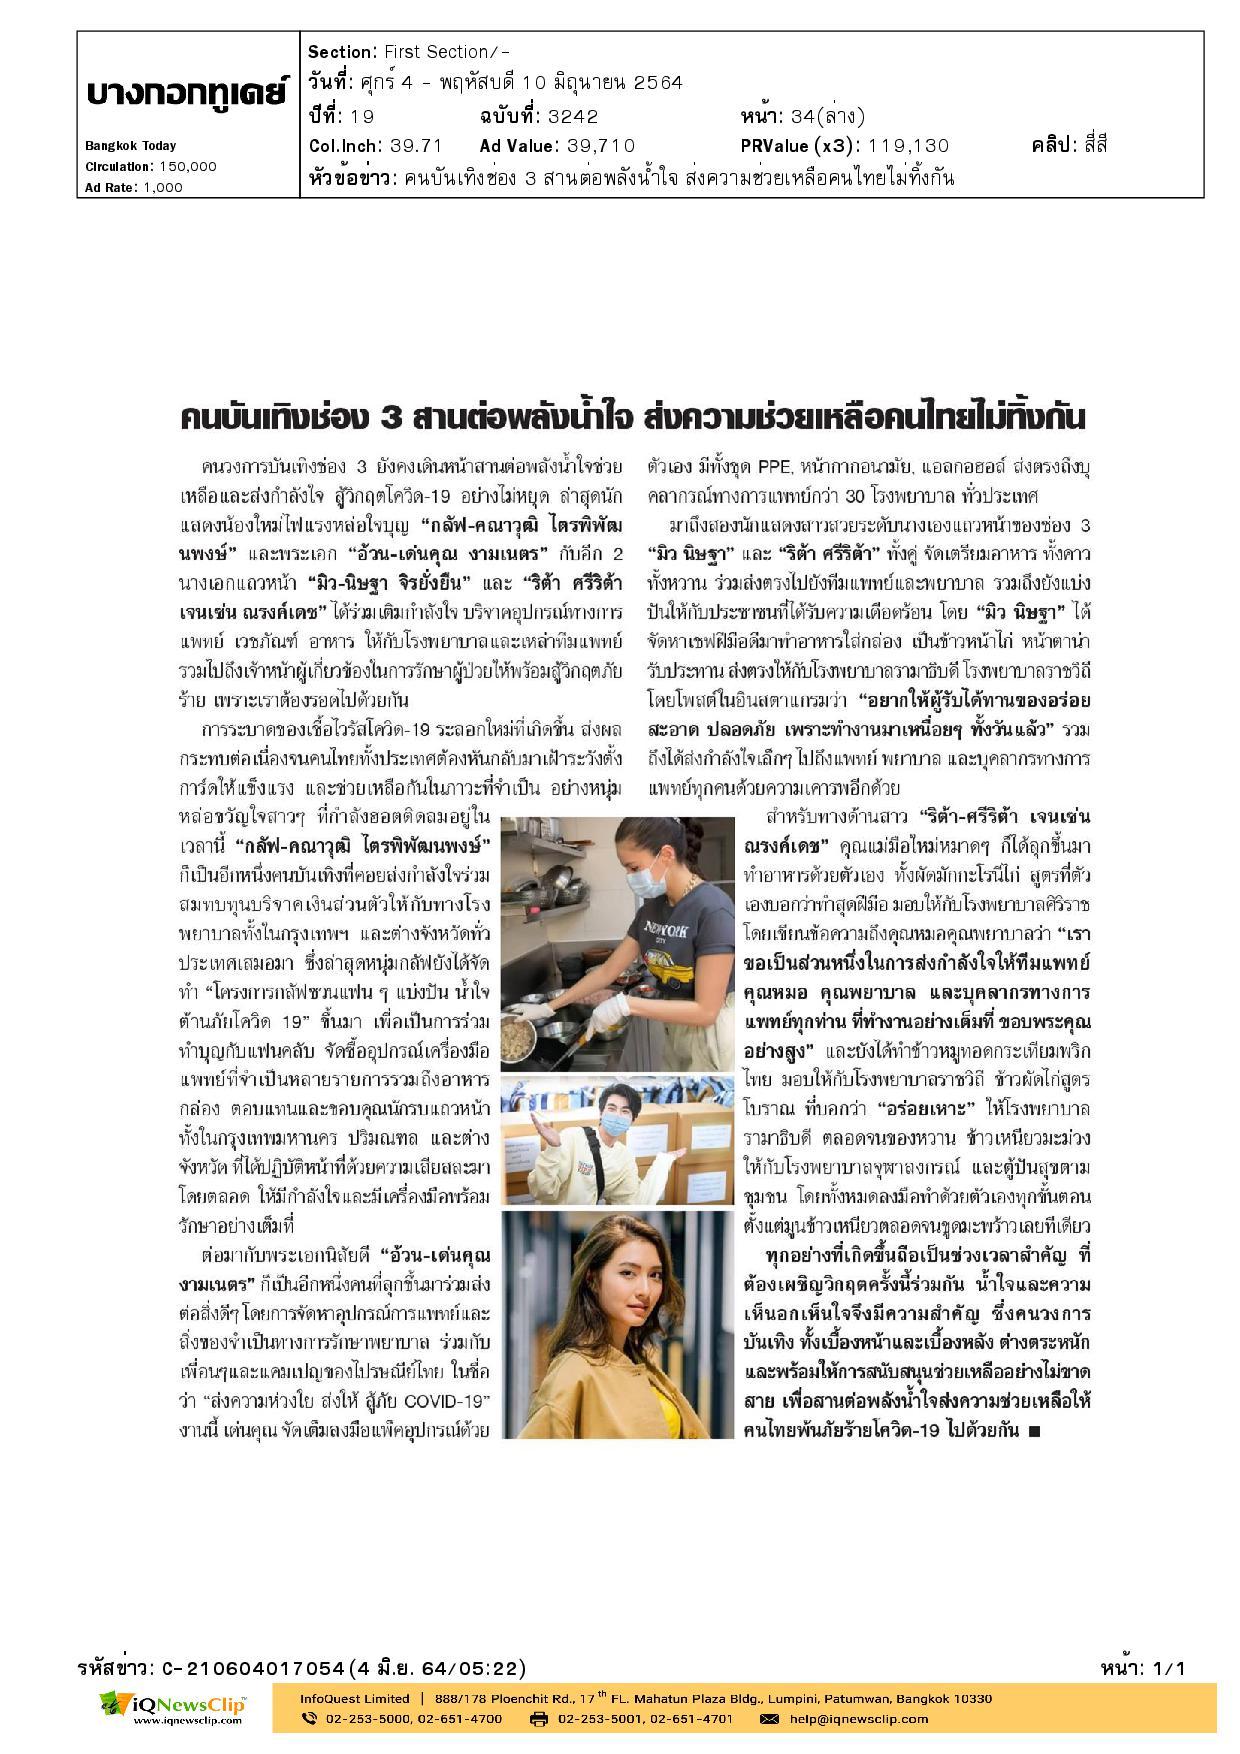 คนบันเทิงช่อง 3 สานต่อพลังน้ำใจ ส่งความช่วยเหลือคนไทยไม่ทิ้งกัน